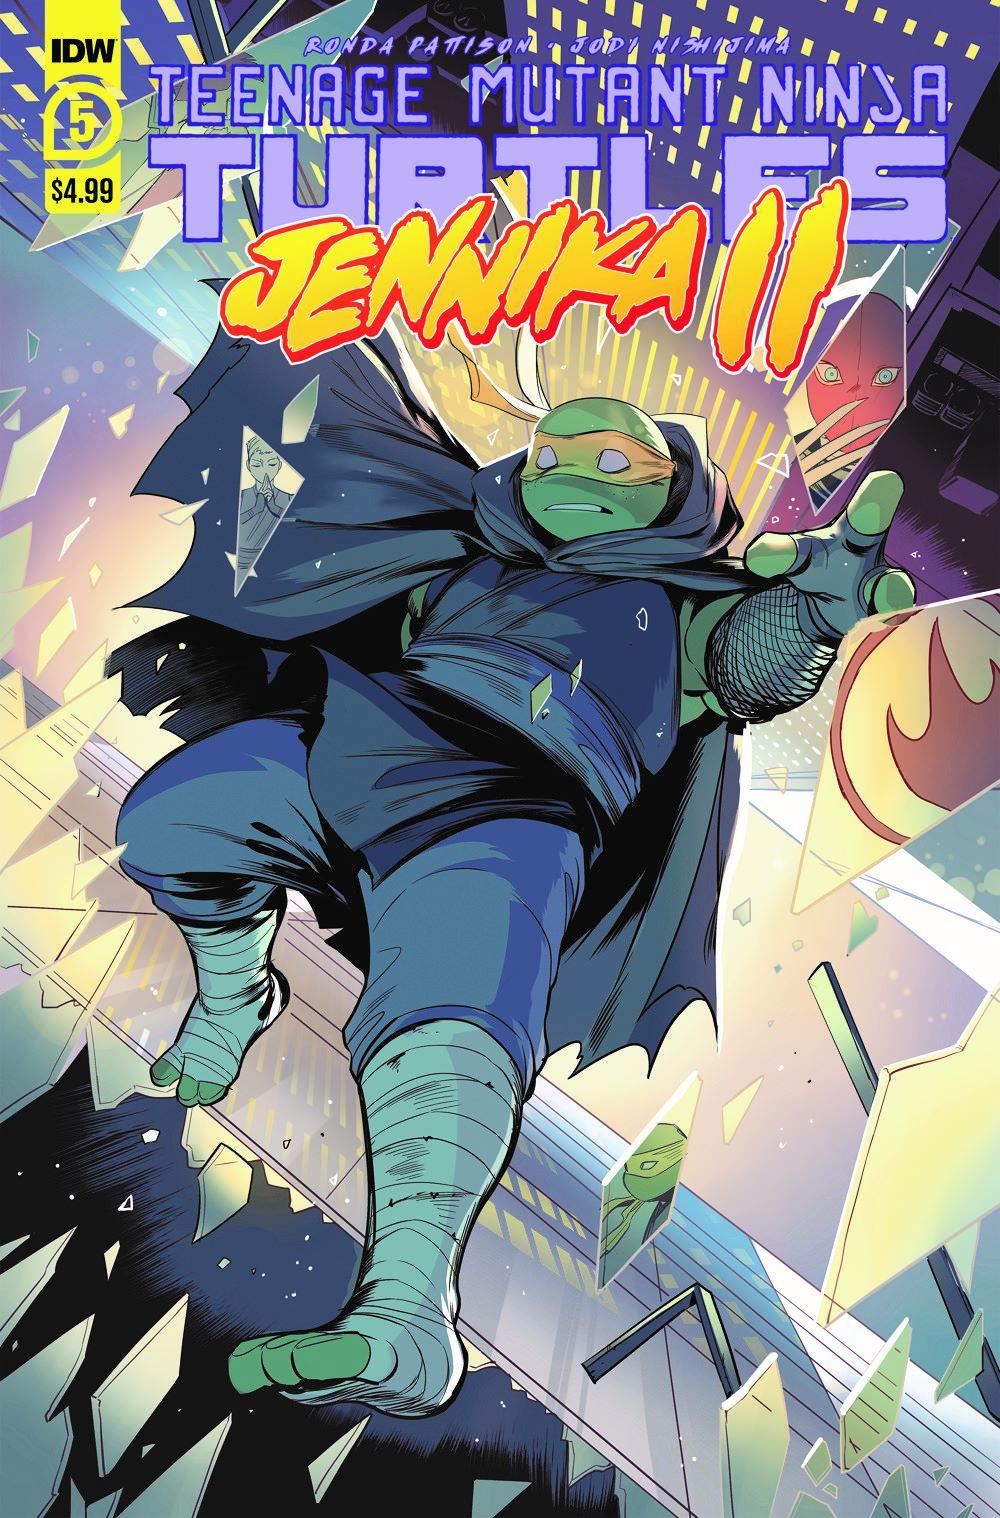 TMNT-JennikaII_05_cvrA ComicList: IDW Publishing New Releases for 03/10/2021